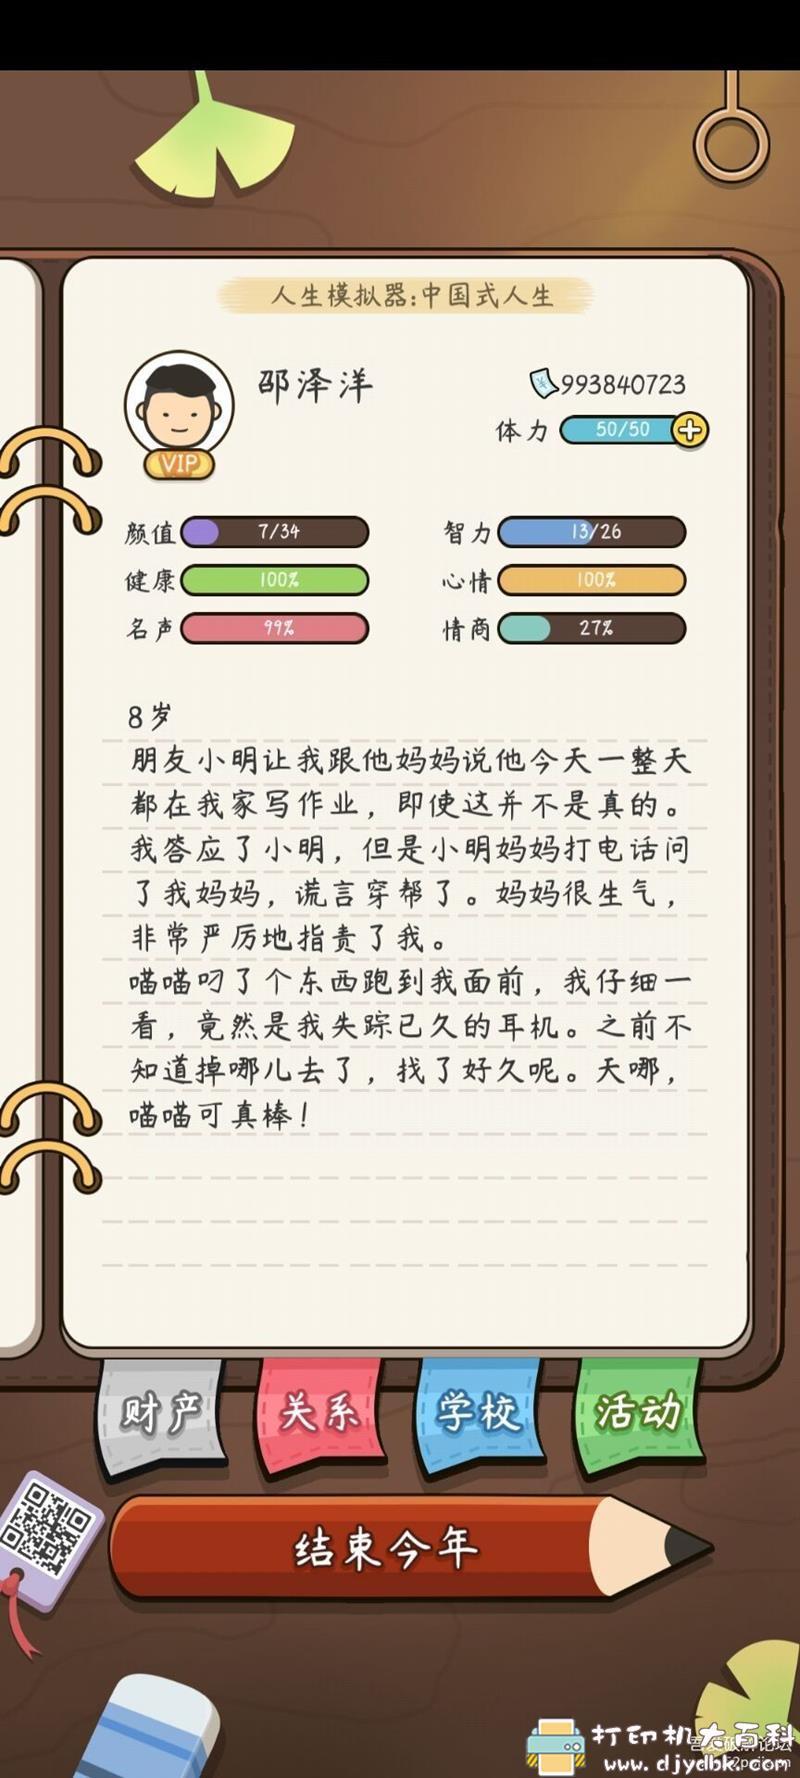 安卓游戏分享:人生模拟器-中国式人生1.8.3,解锁vip版 配图 No.6